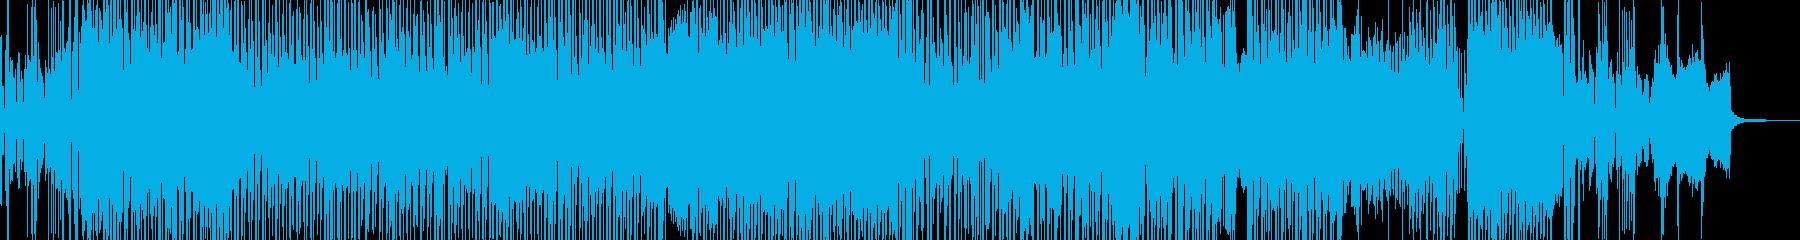 まったり&軽快・カントリーテクノ 短尺の再生済みの波形